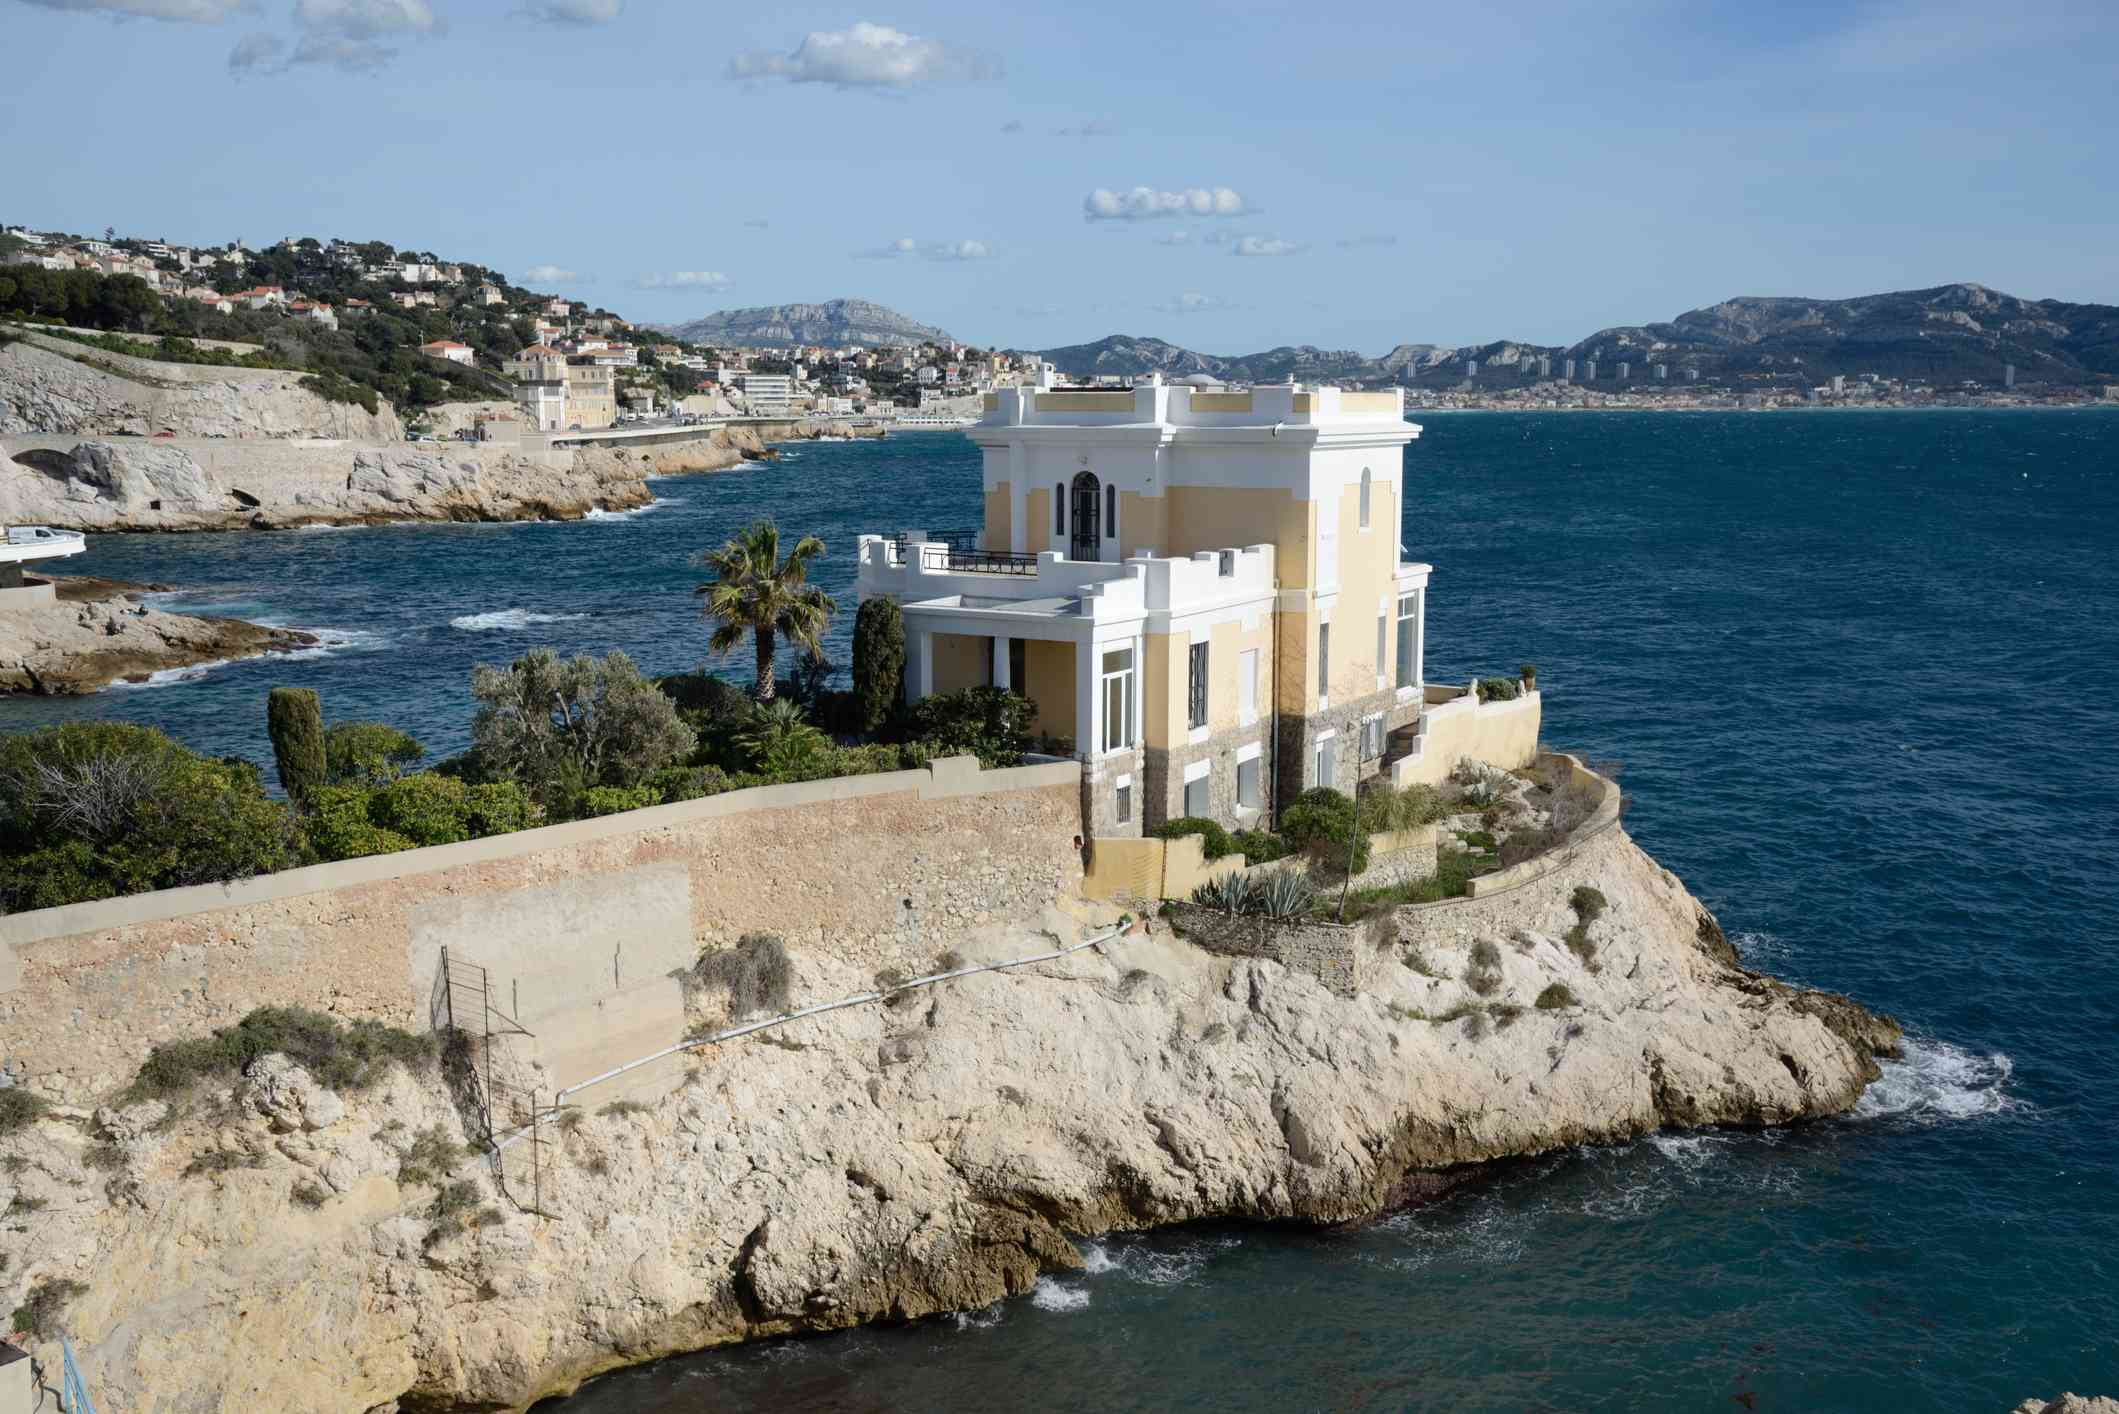 A villa seen from La Corniche boardwalk in Marseille